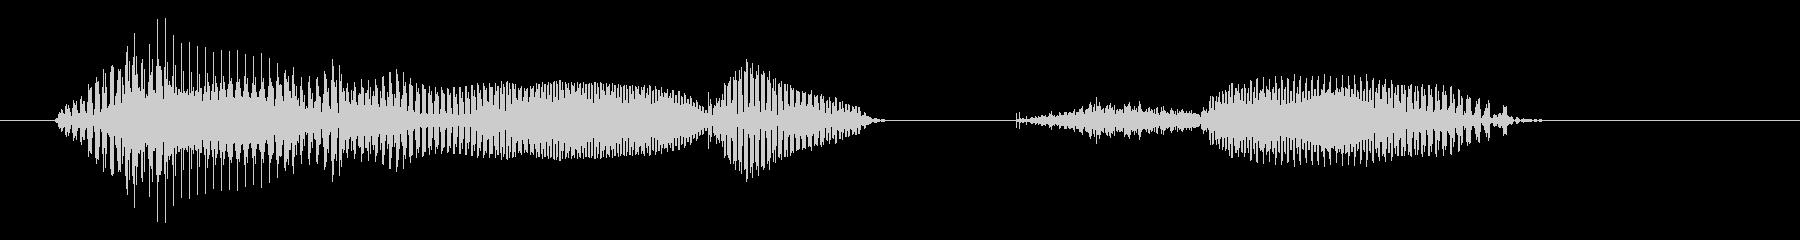 ラウンド2の未再生の波形